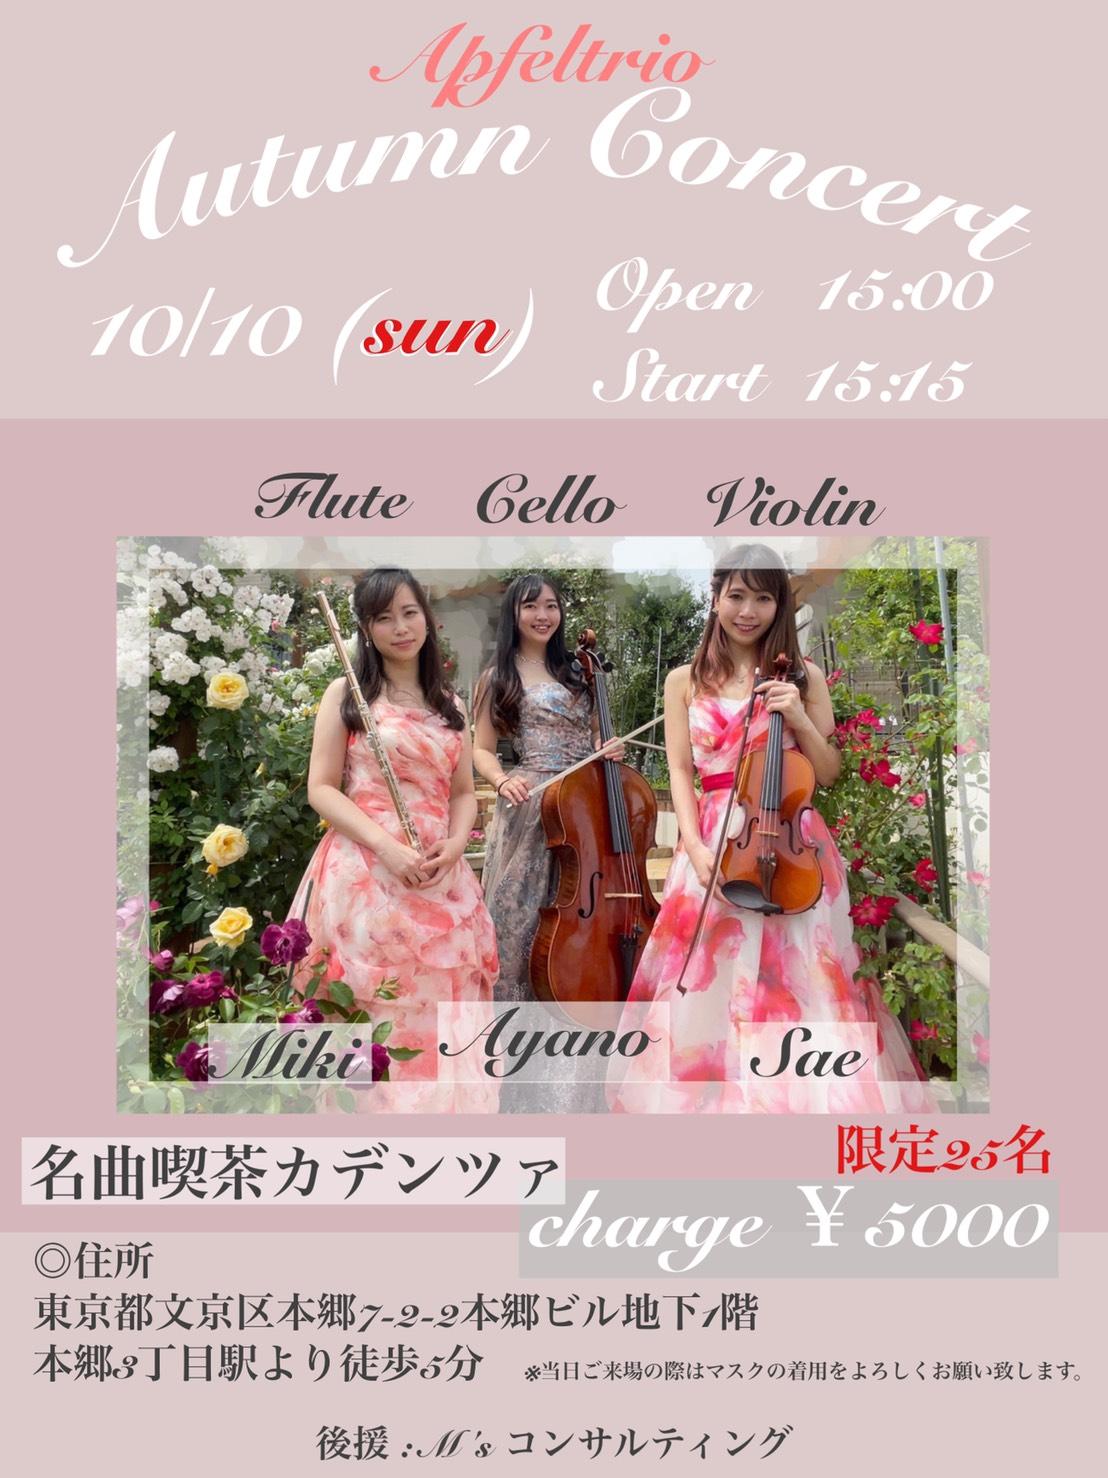 Apfel trio Live Concert